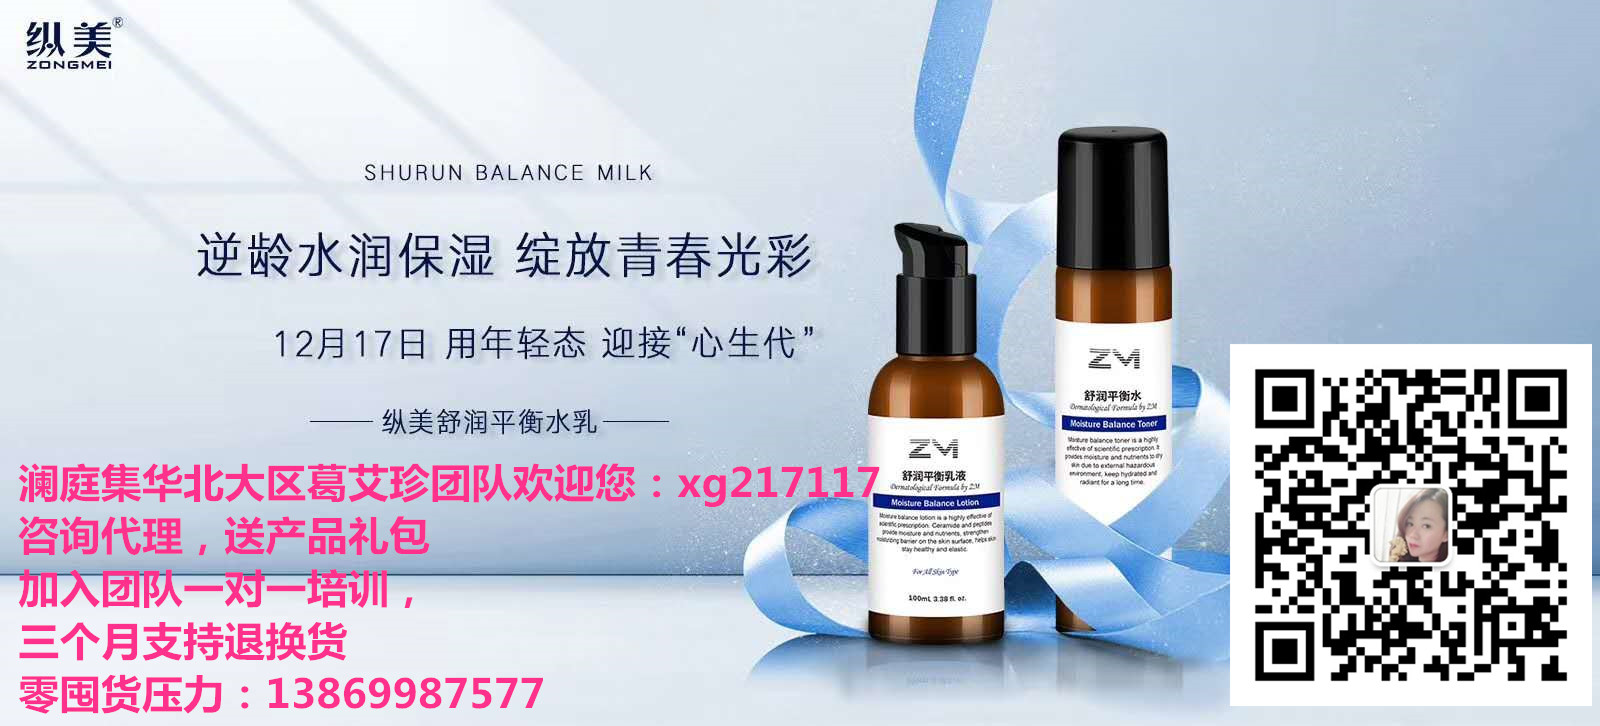 纵美平衡水和纵美平衡乳多少钱,纵美平衡水和纵美平衡乳怎么代理 纵美平衡水乳  纵美水光霜